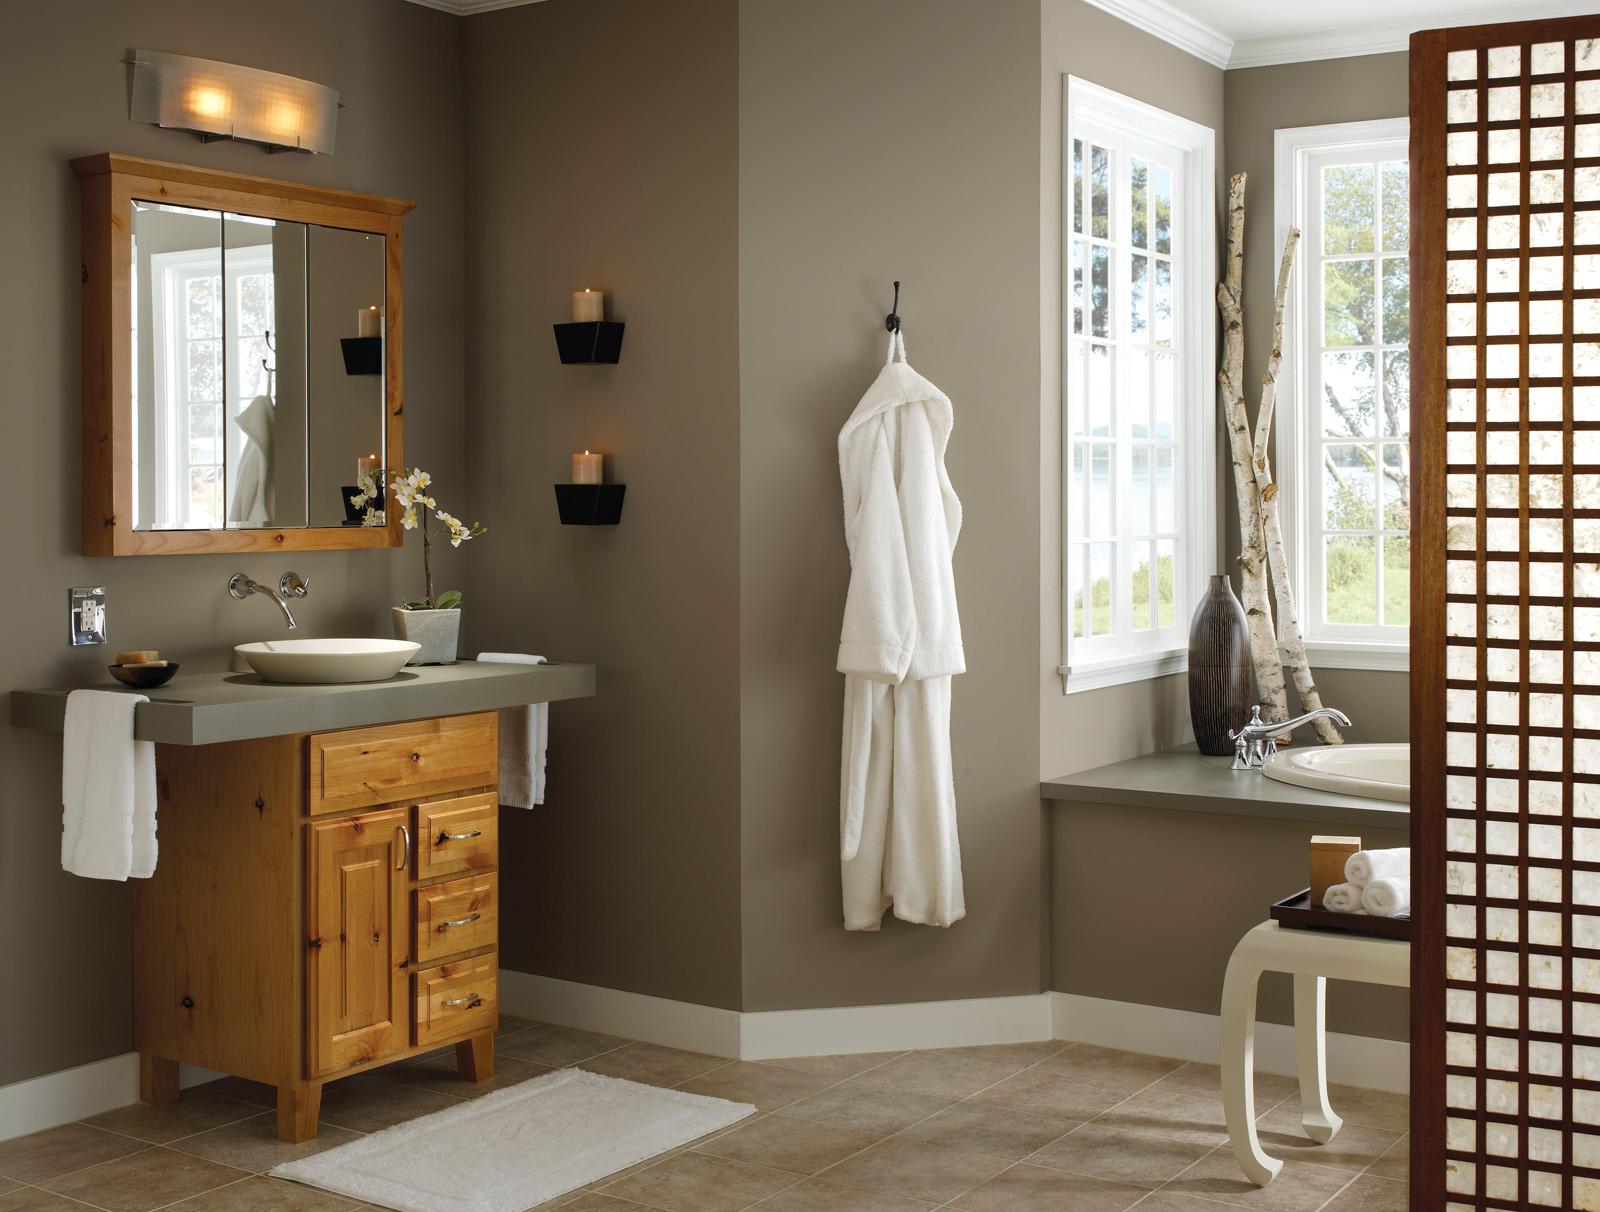 bathroom idaho inc updating hometownusa remodeling specialist boise remodel bathrooms and in